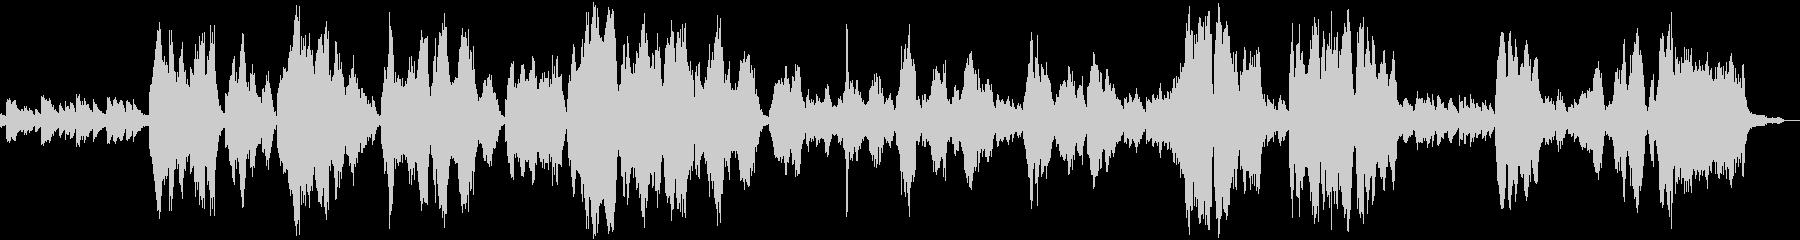 アヴェマリア 癒しのクラシック声楽曲の未再生の波形